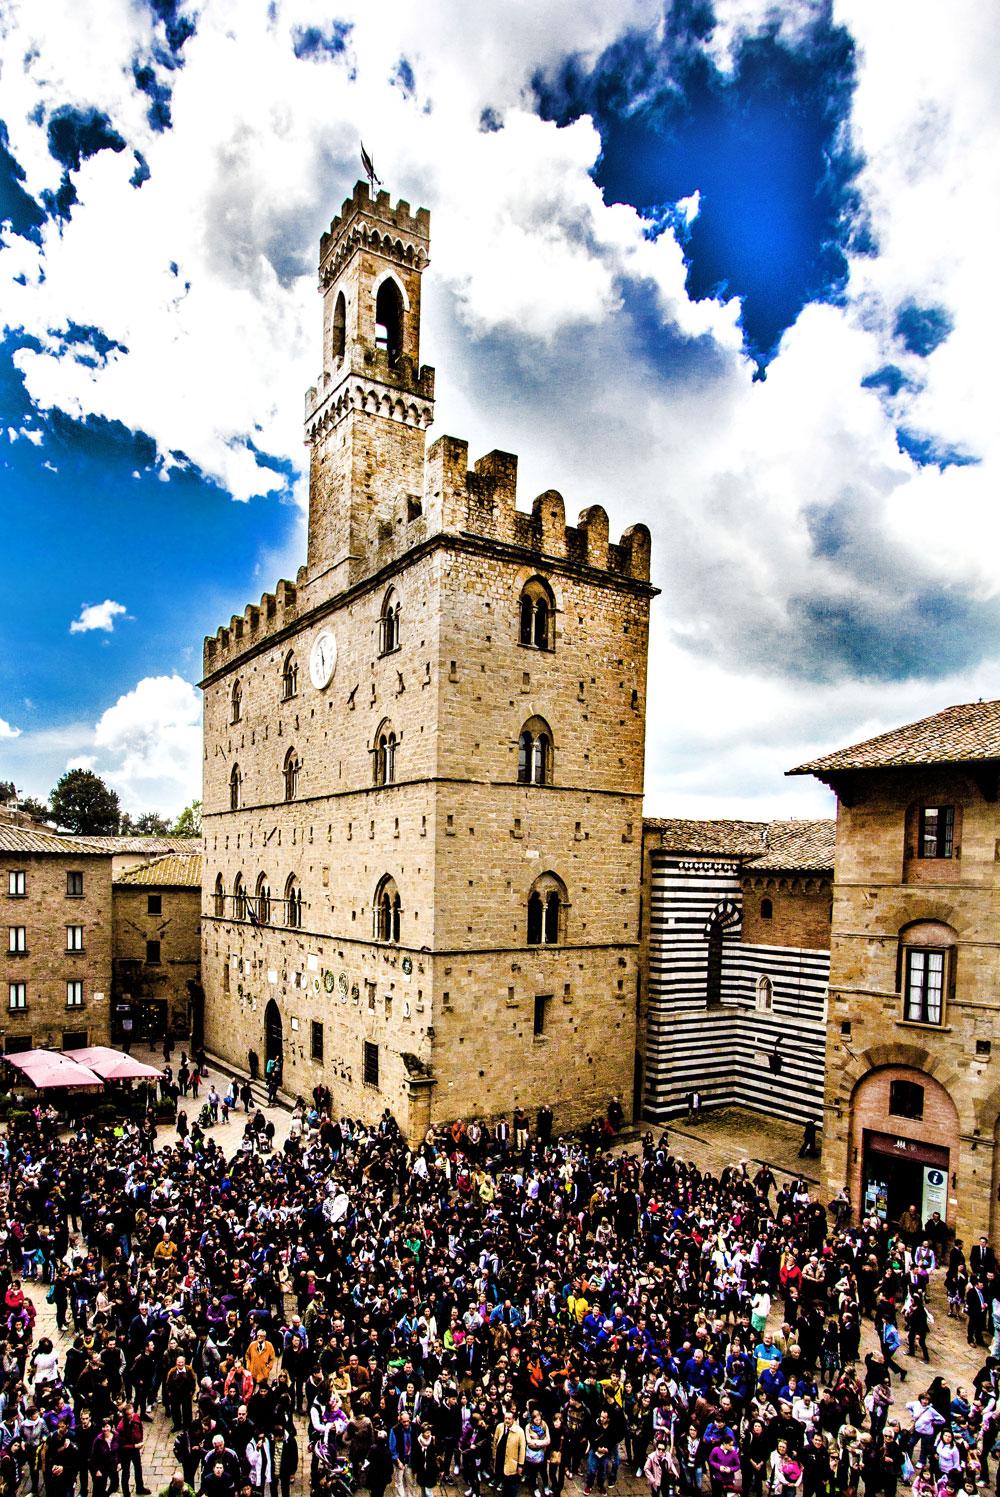 Il sindaco di Volterra scrive al MiBACT per proporre Parma 2021 e un patto tra le città candidate